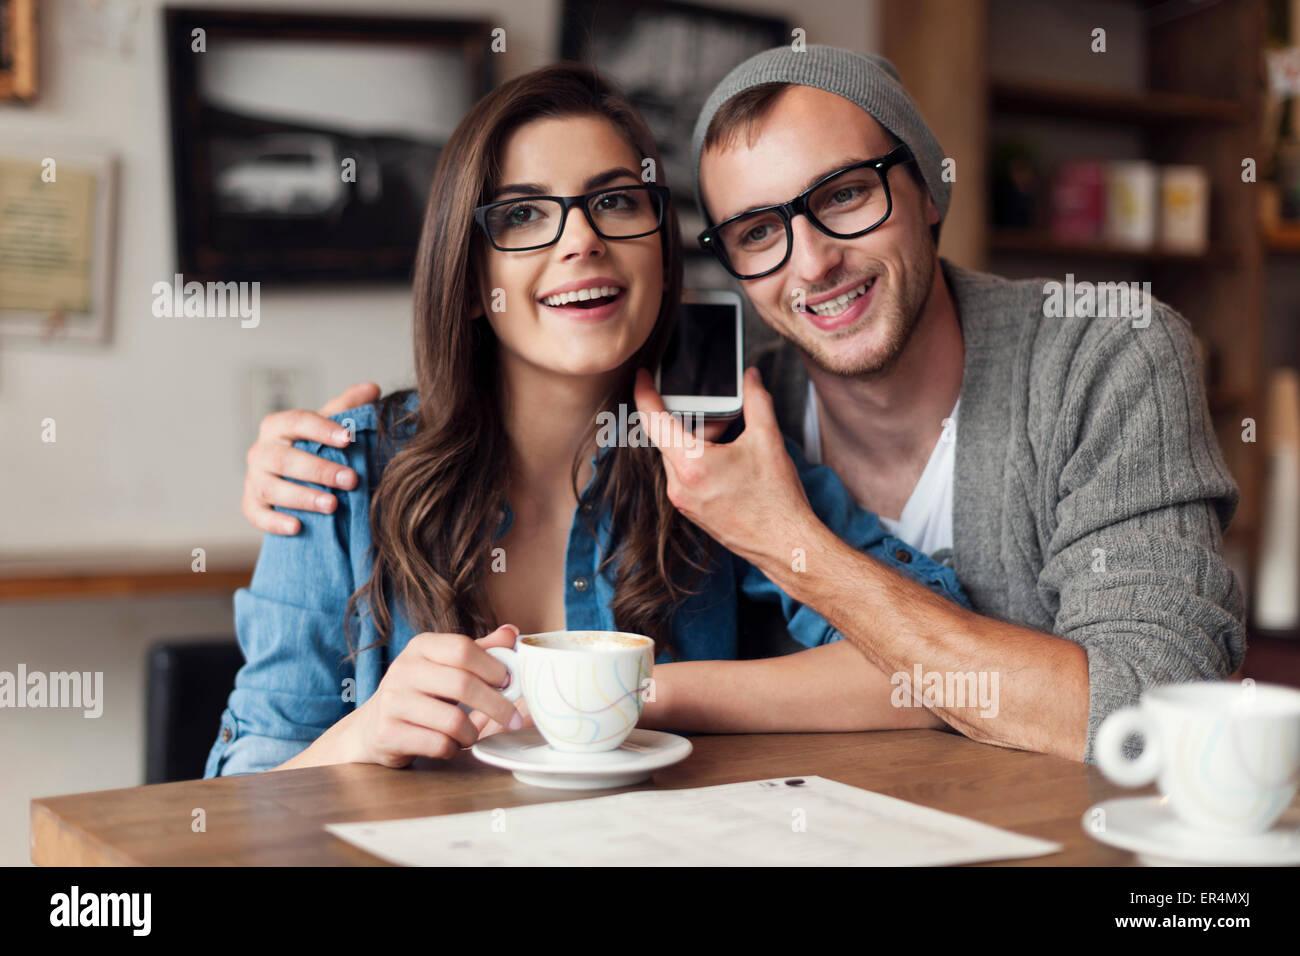 Heureux couple vocal depuis un téléphone mobile. Cracovie, Pologne Photo Stock